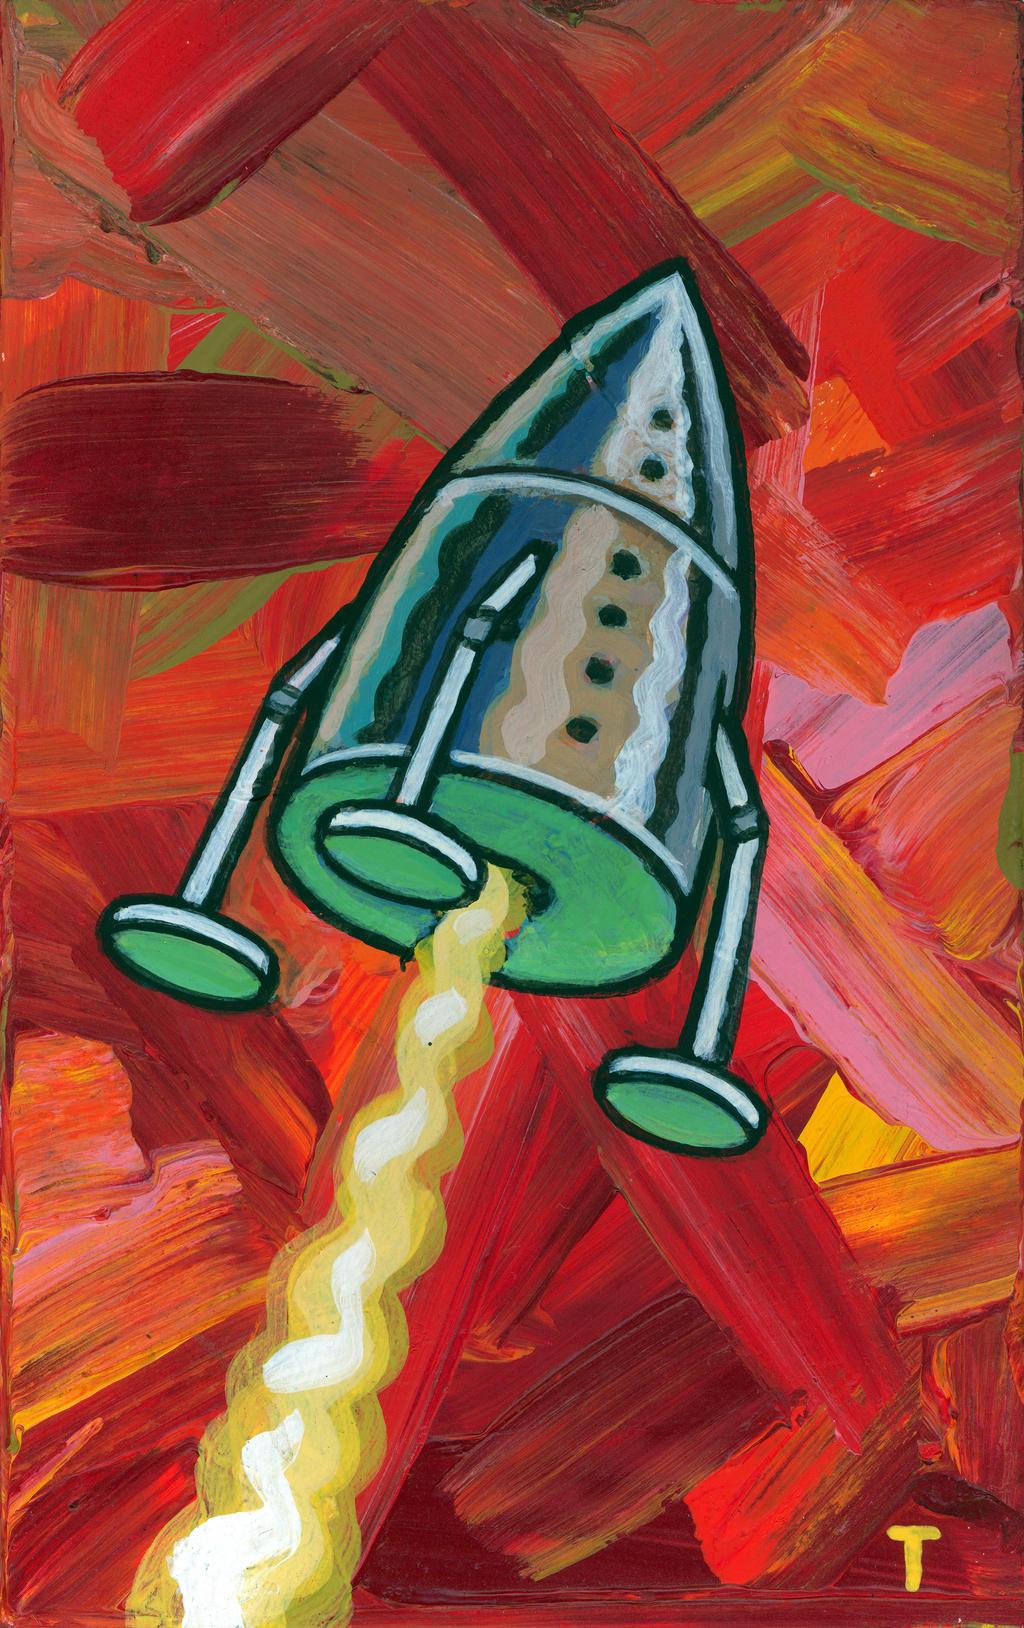 Mars Landing by peterthorpe